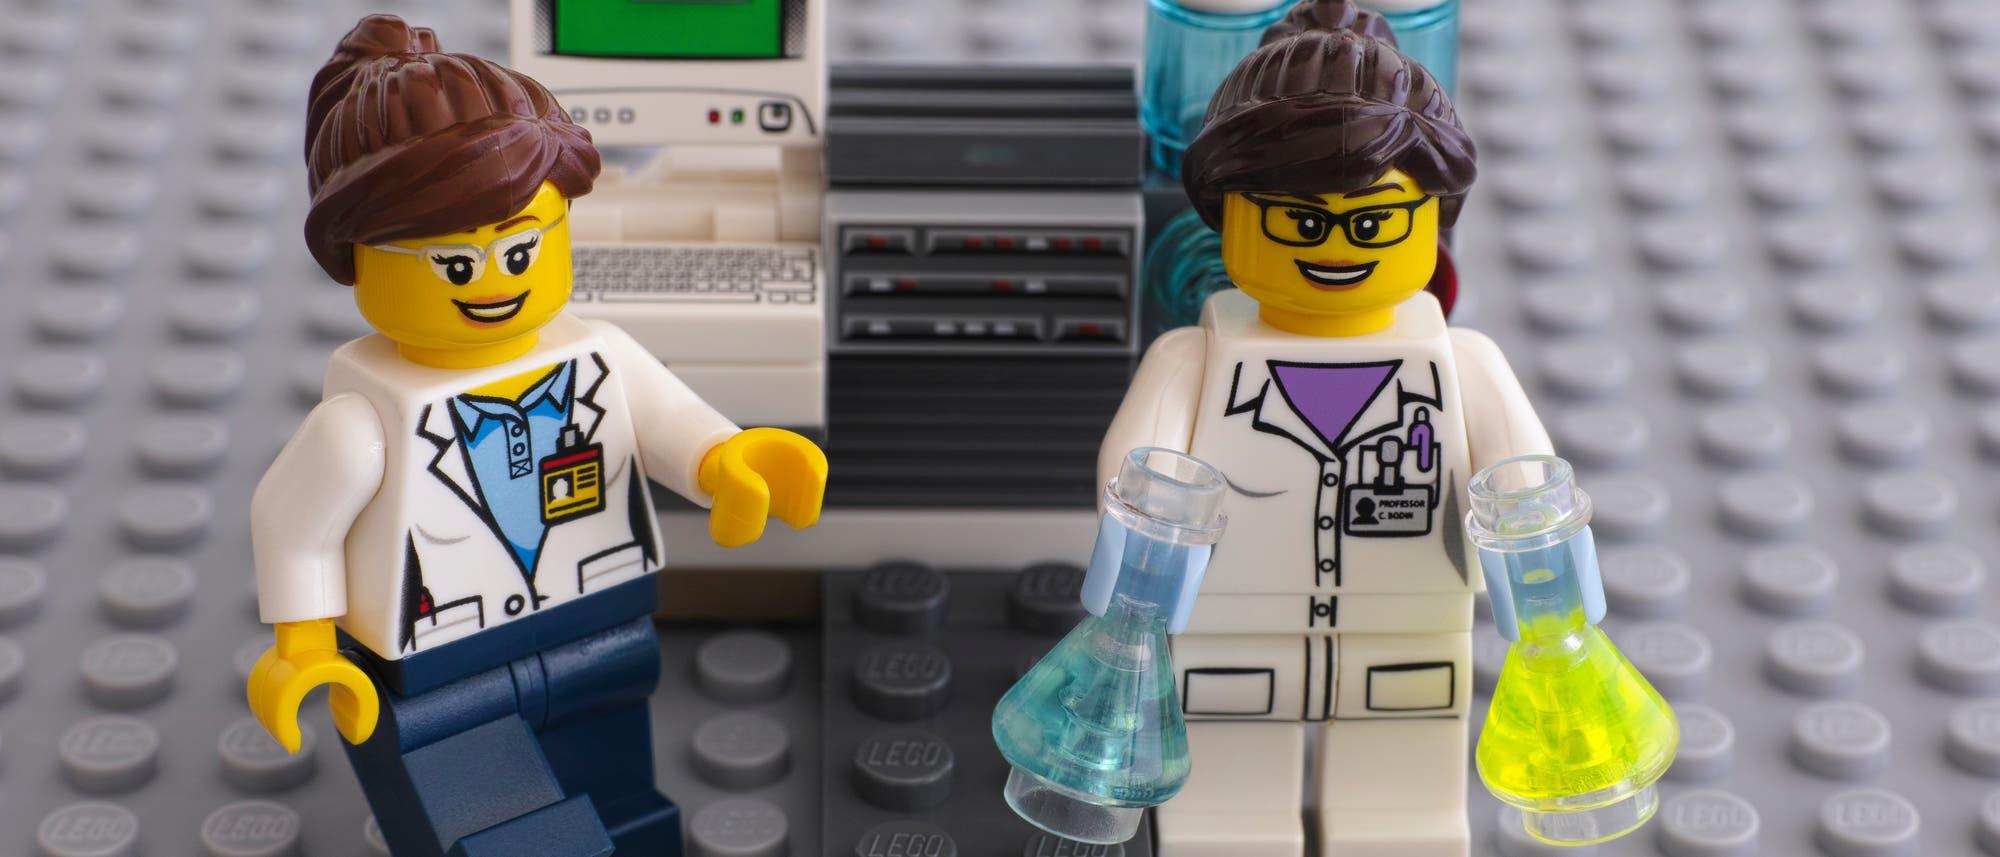 Lego-Laborset Chemie. Explosionen nicht im Lieferumfang enthalten